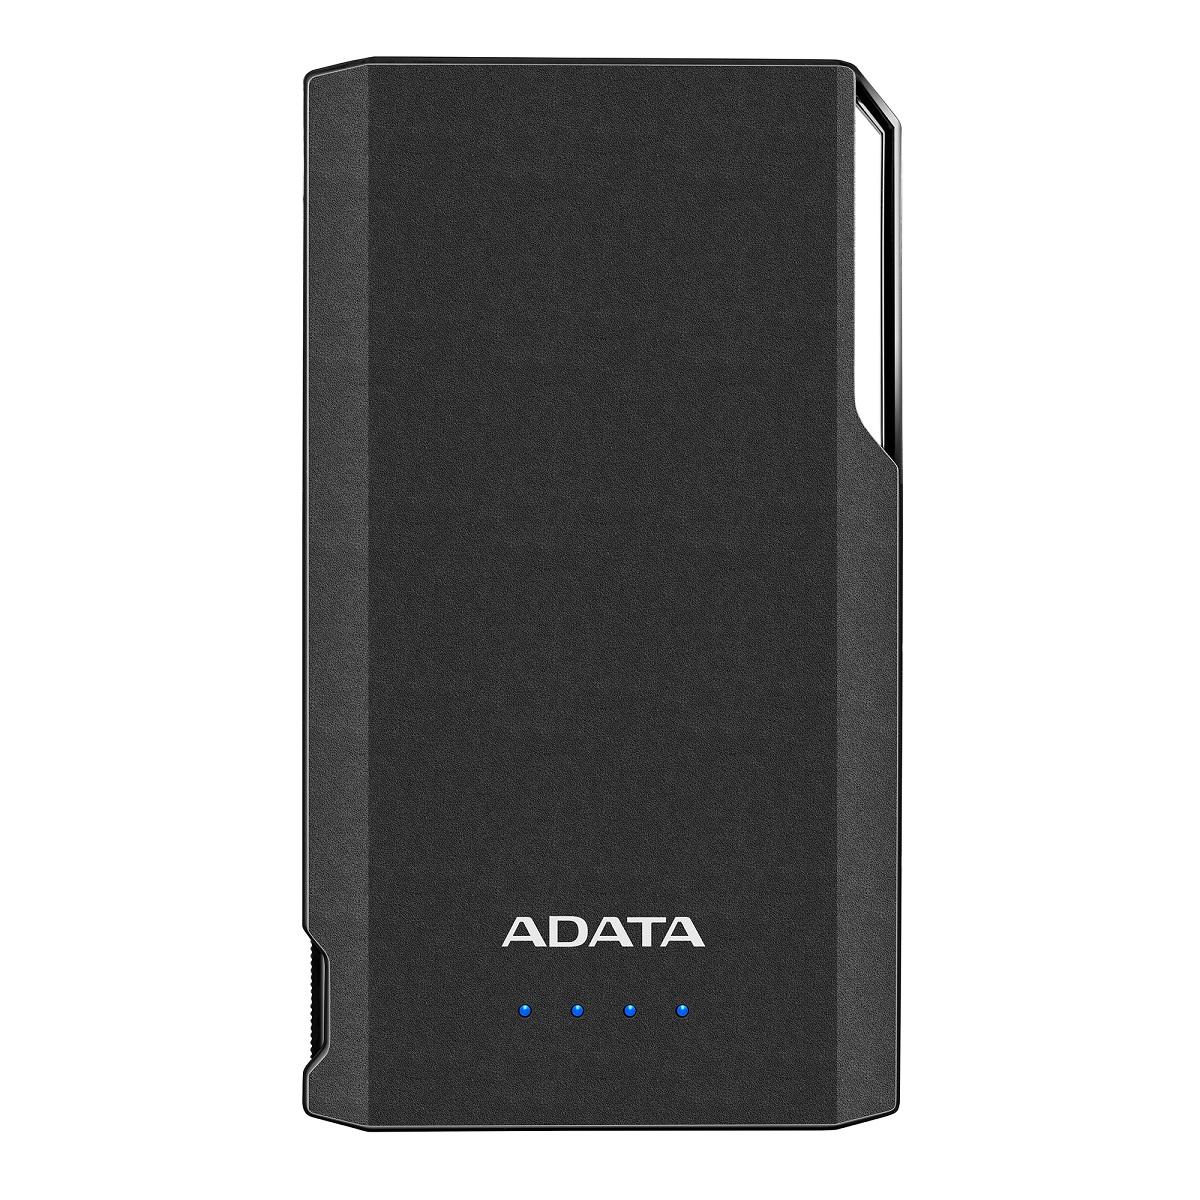 ADATA S10000 Power Bank 10000mAh černá